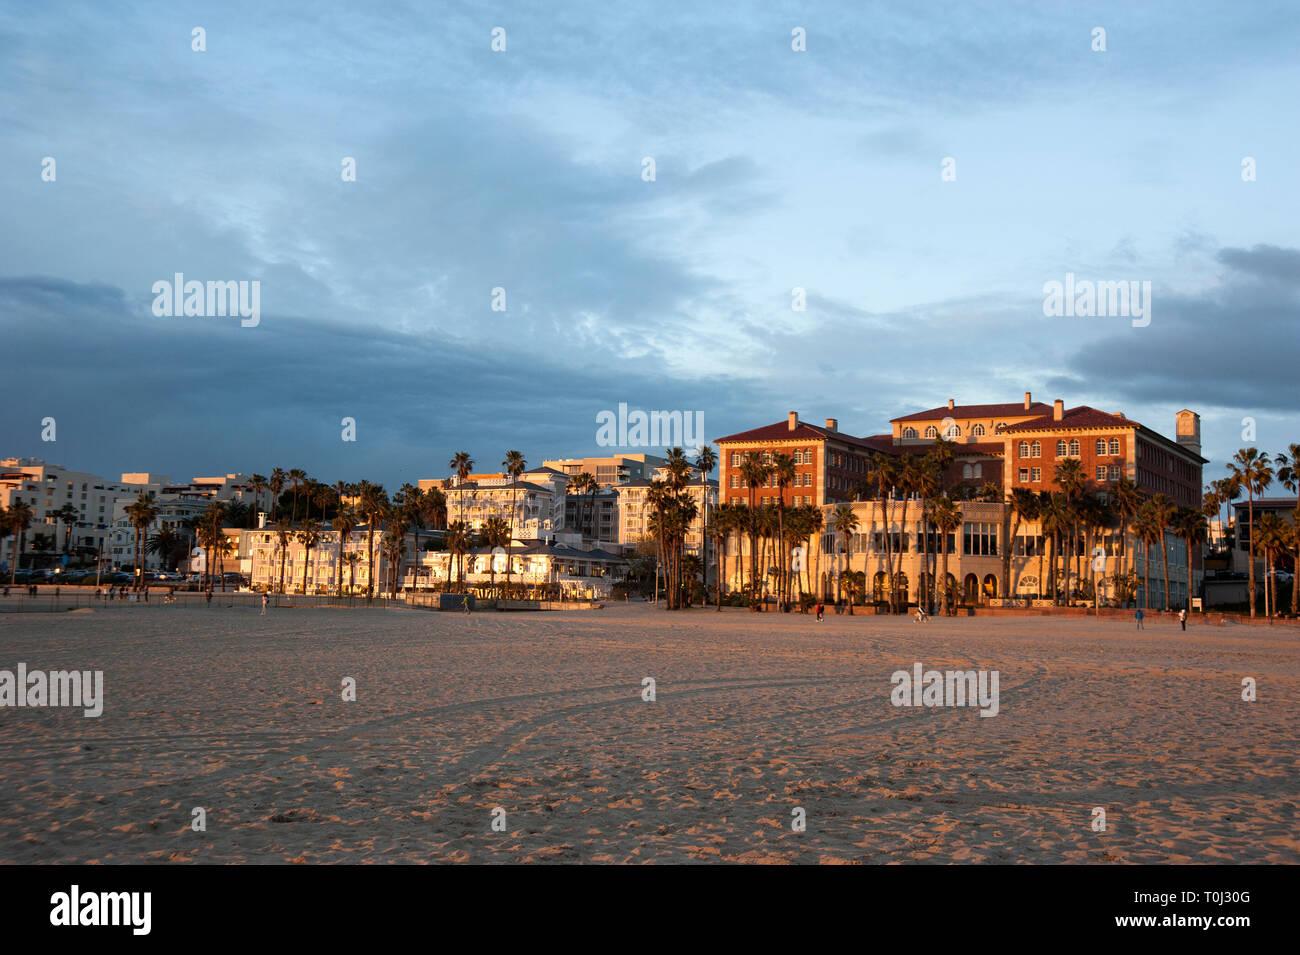 Hôtels du bord de volets et la Casa Del Mar le long de la promenade de Santa Monica, CA Banque D'Images